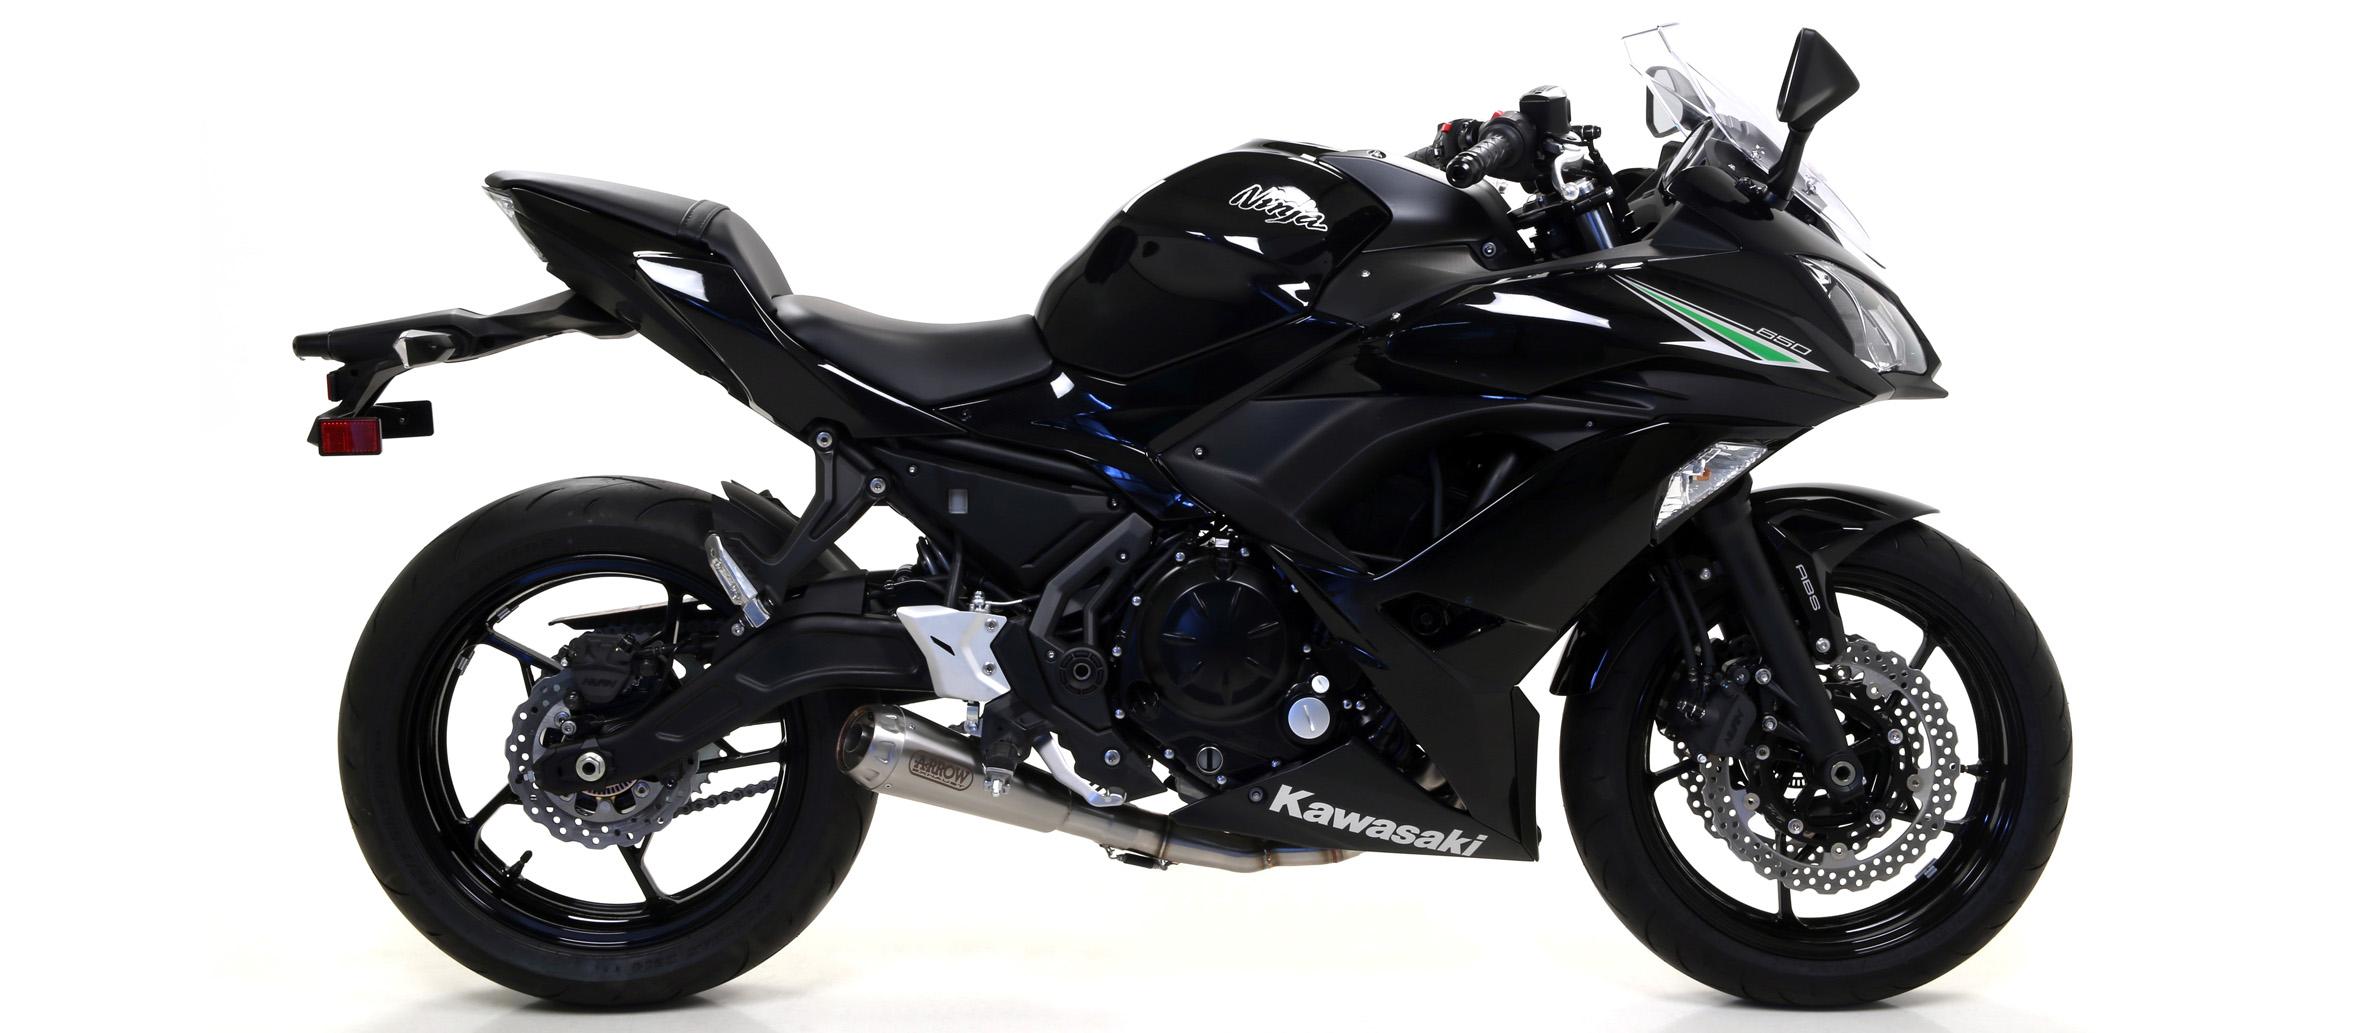 Arrow Exhausts For The Kawasaki Ninja 650 2017-2018